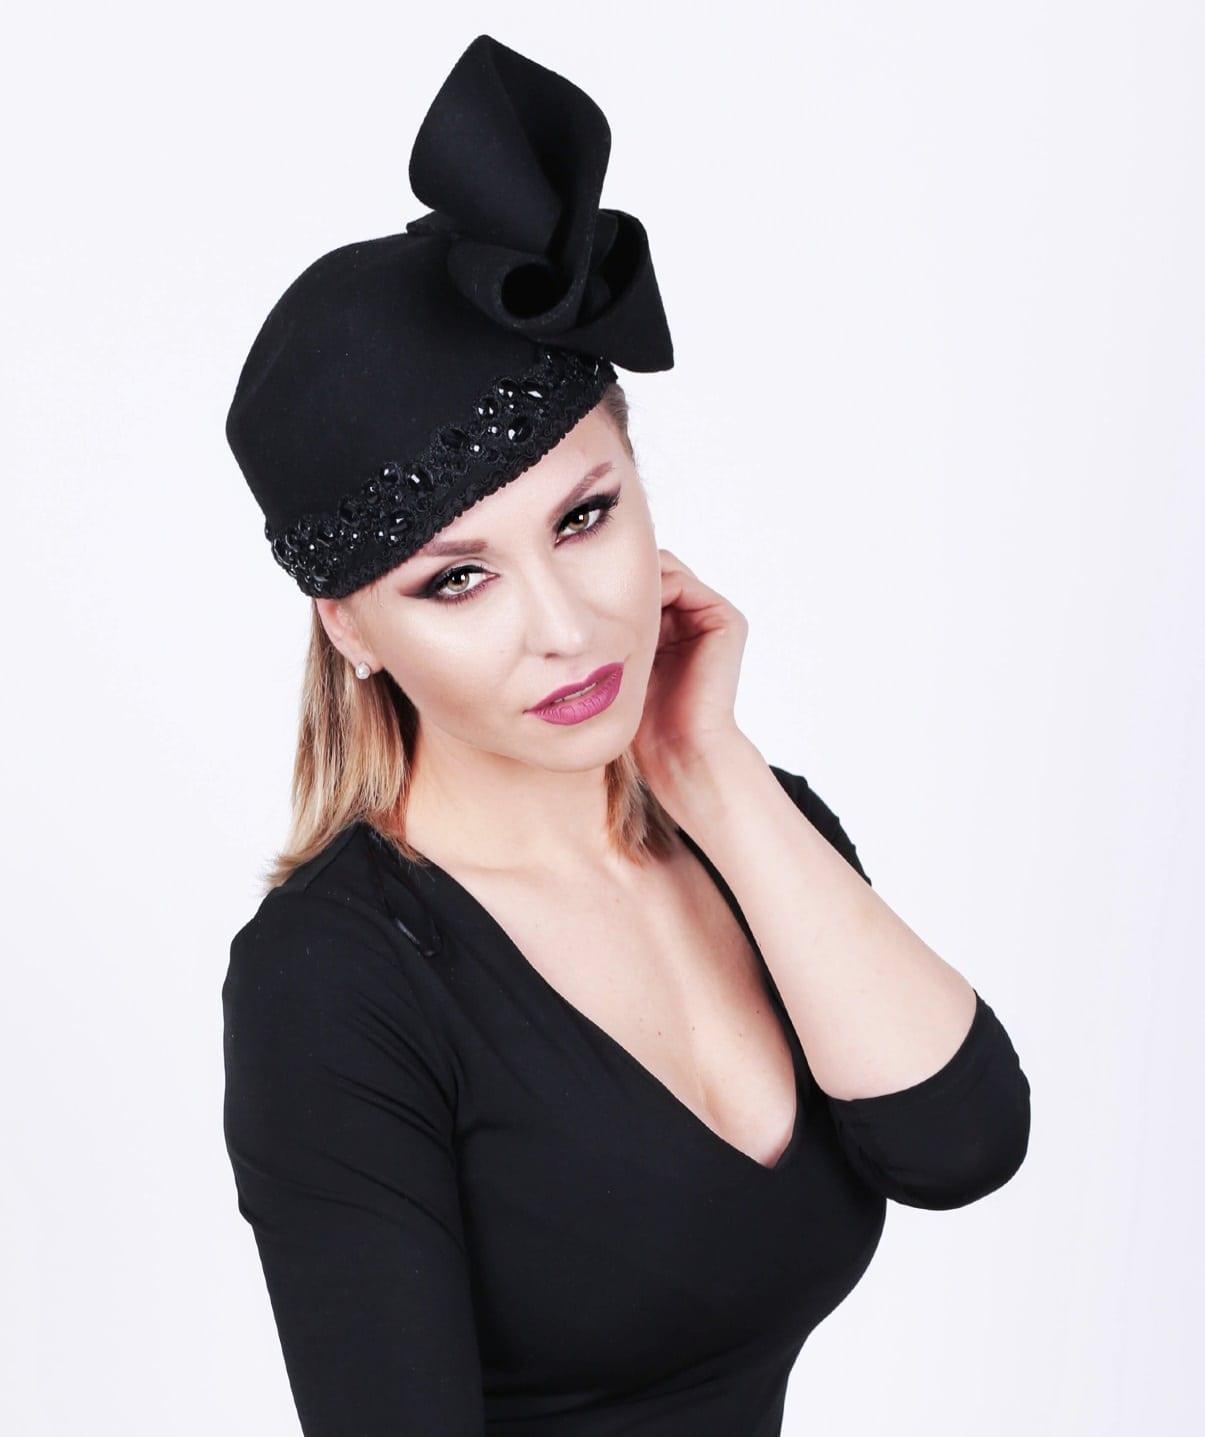 Pălării regale, la ChrisLady Design by Cristina Dumitru Moroianu